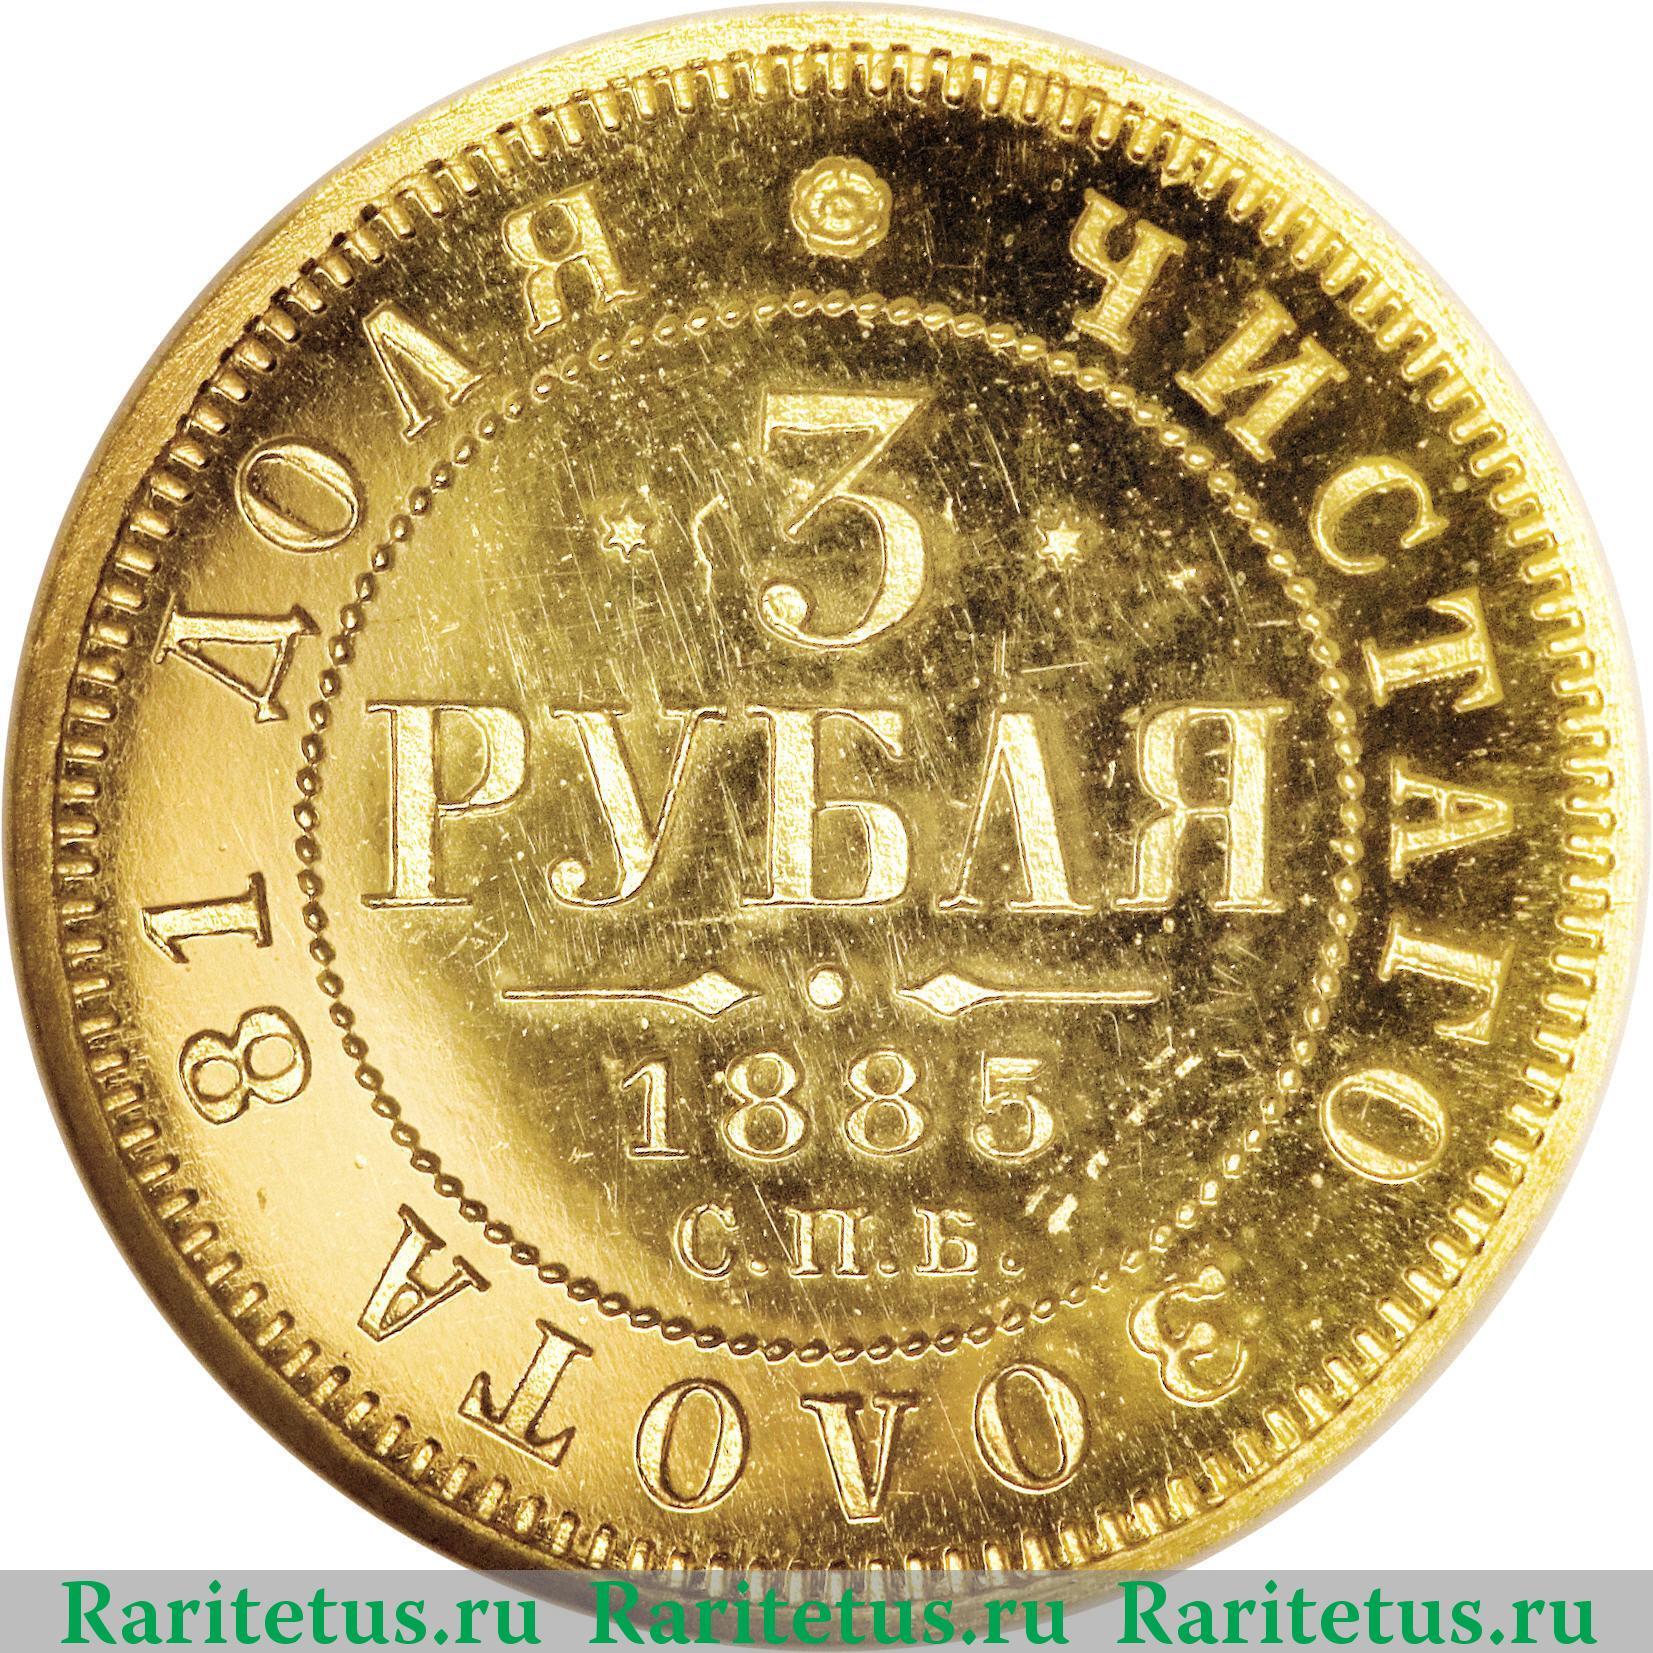 Рубль 1885 года стоимость стоимость пяти